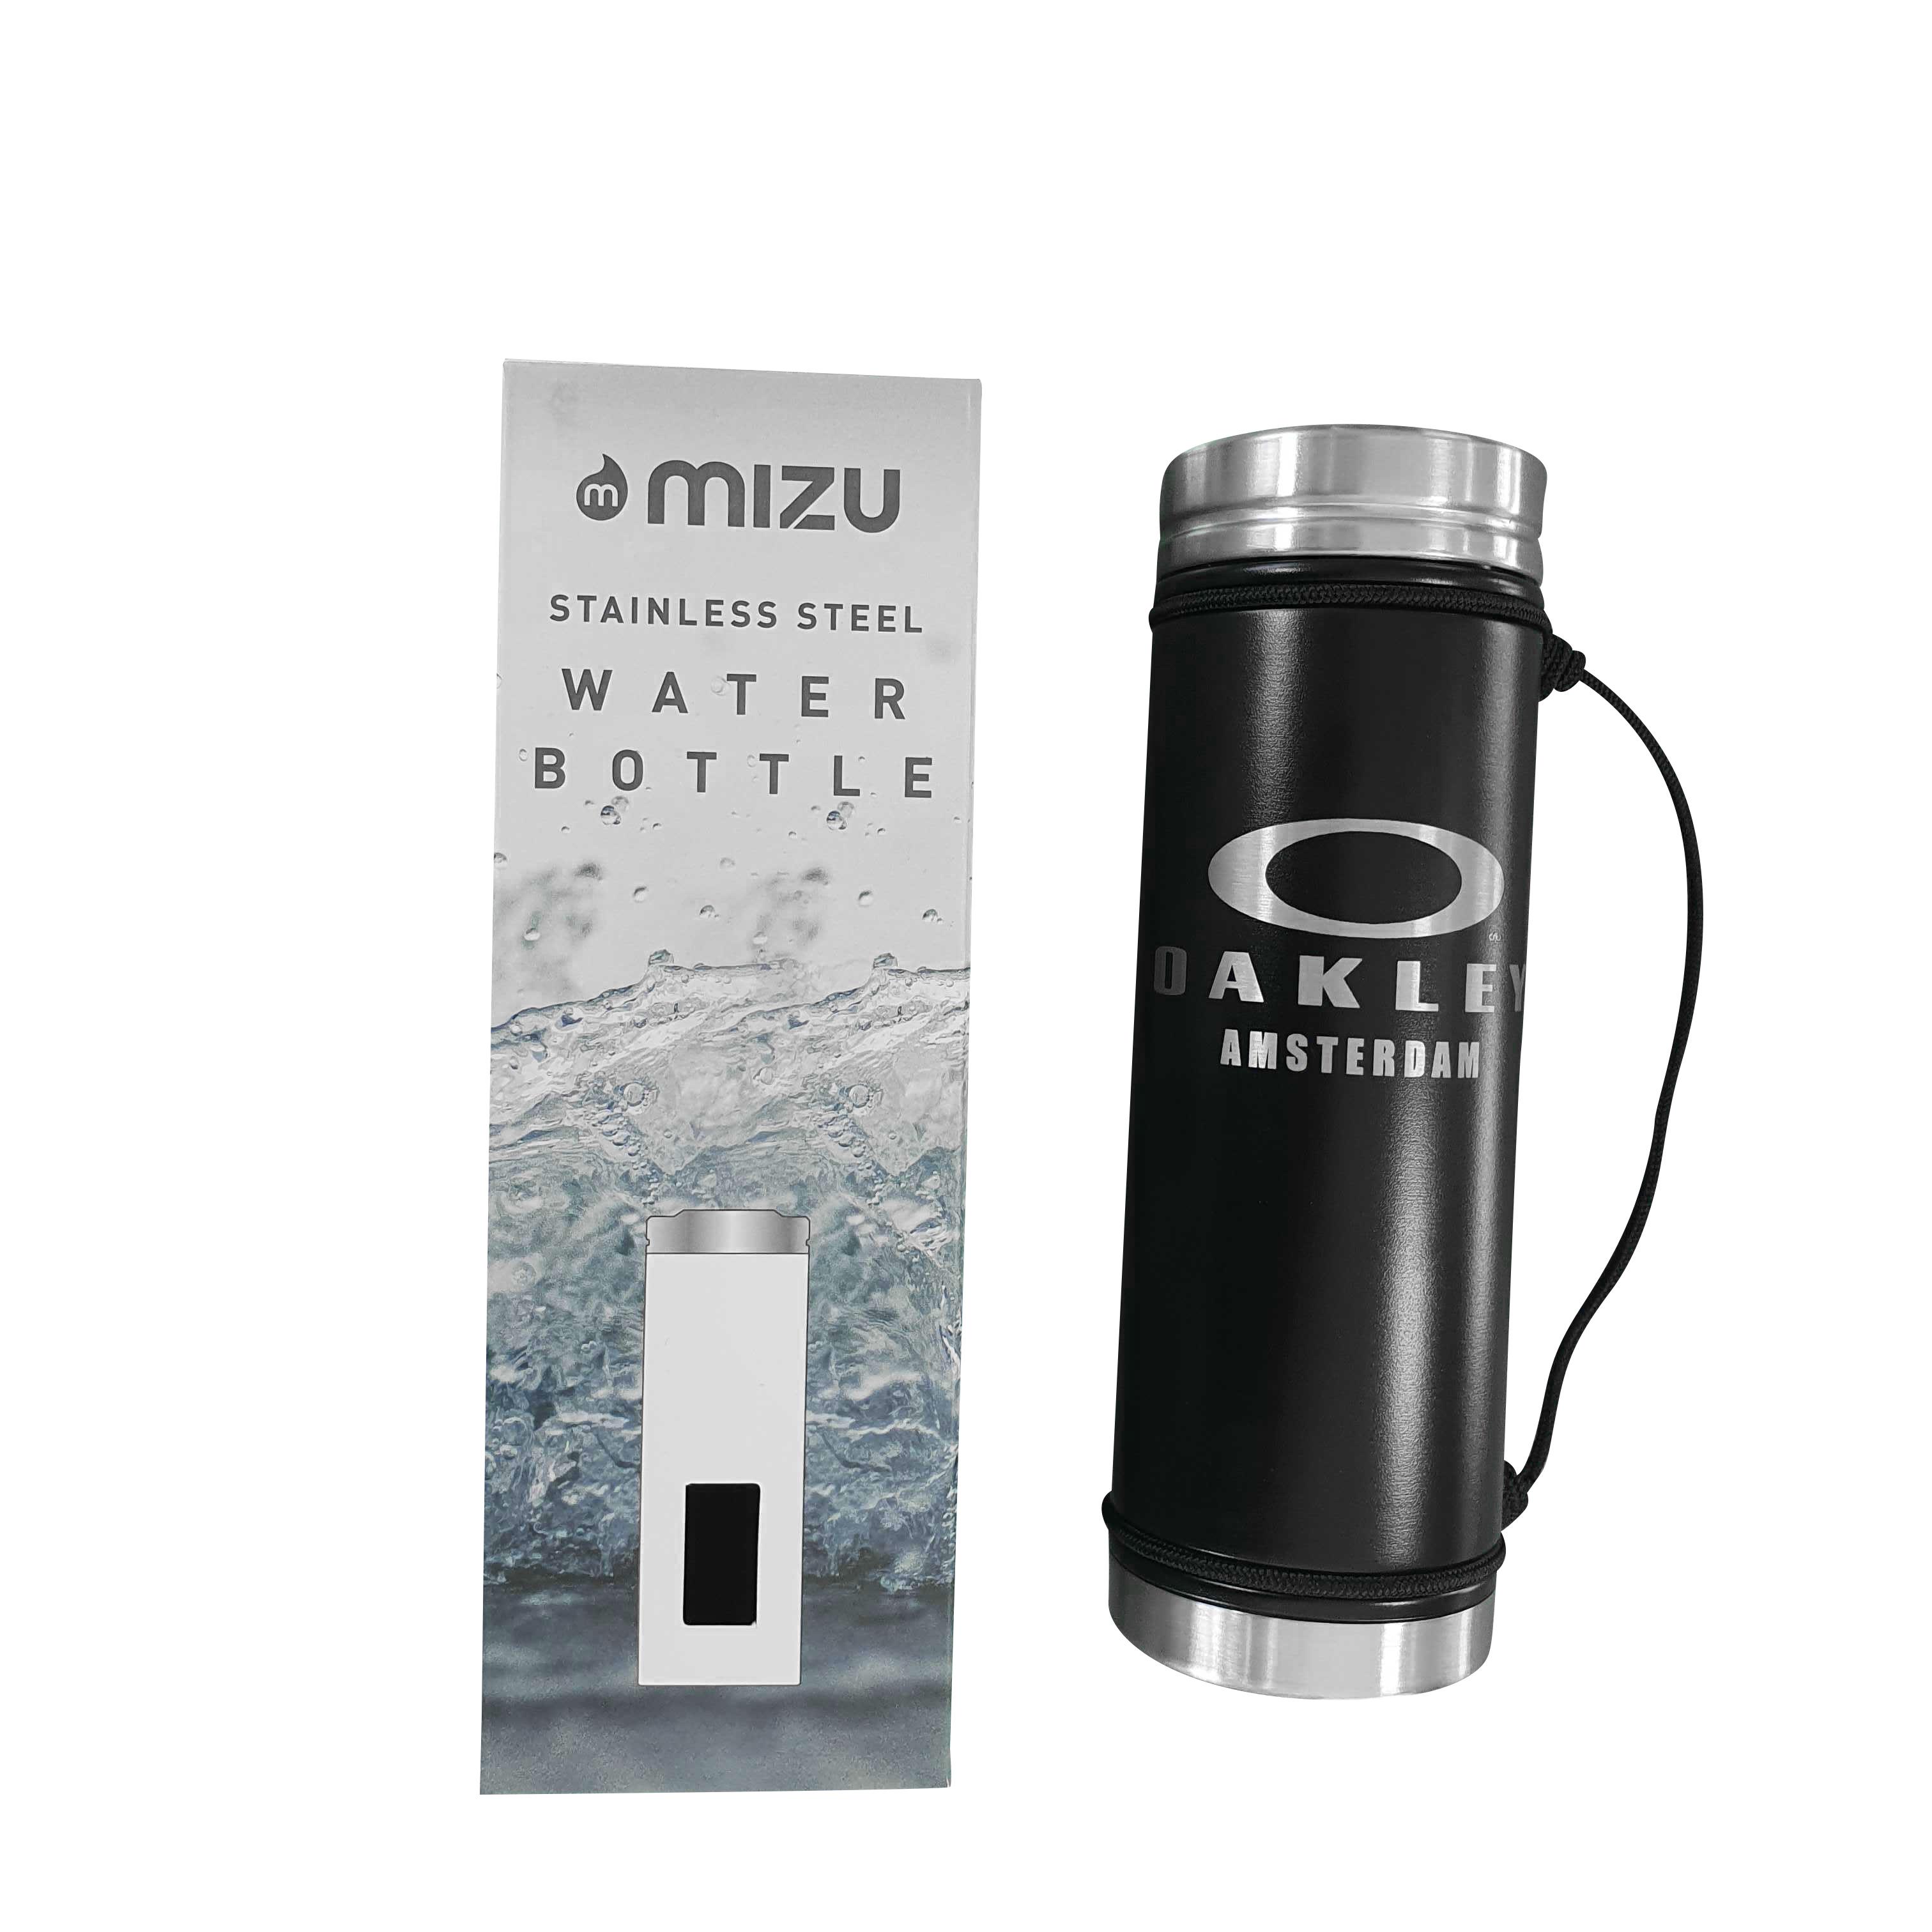 MIZU V7 X OAKLEY AMSTERDAM - BLACK